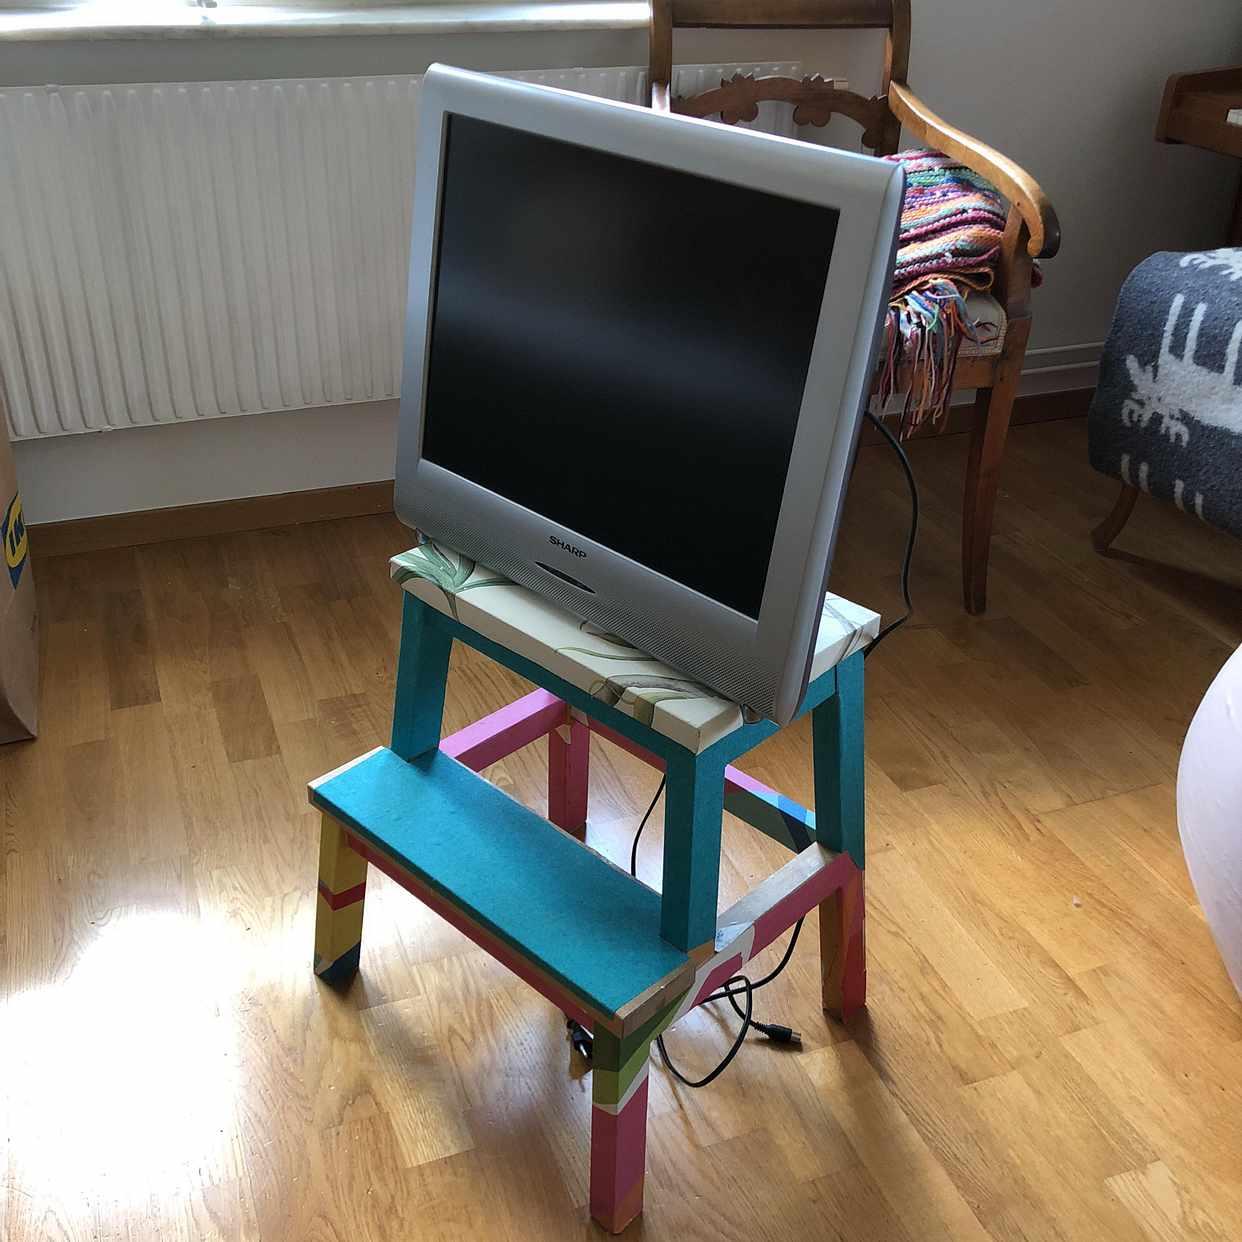 image of Emballage och tv - Hägersten